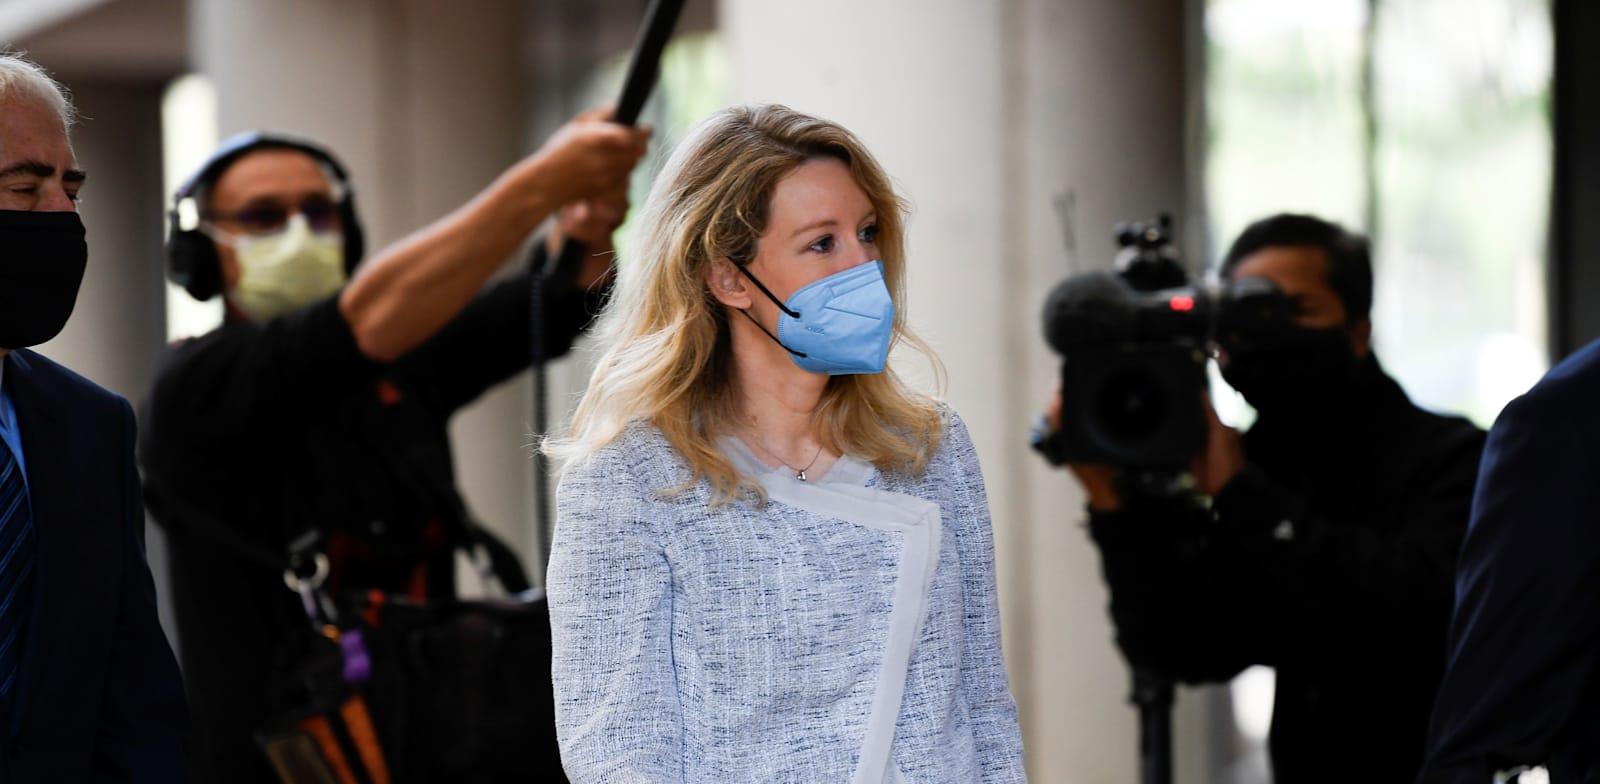 אליזבת הולמס הופיעה בבית דין פדרלי בסן חוזה קליפורניה אתמול בפעם הראשונה מזה יותר משנה / צילום: Reuters, Kate Munsch